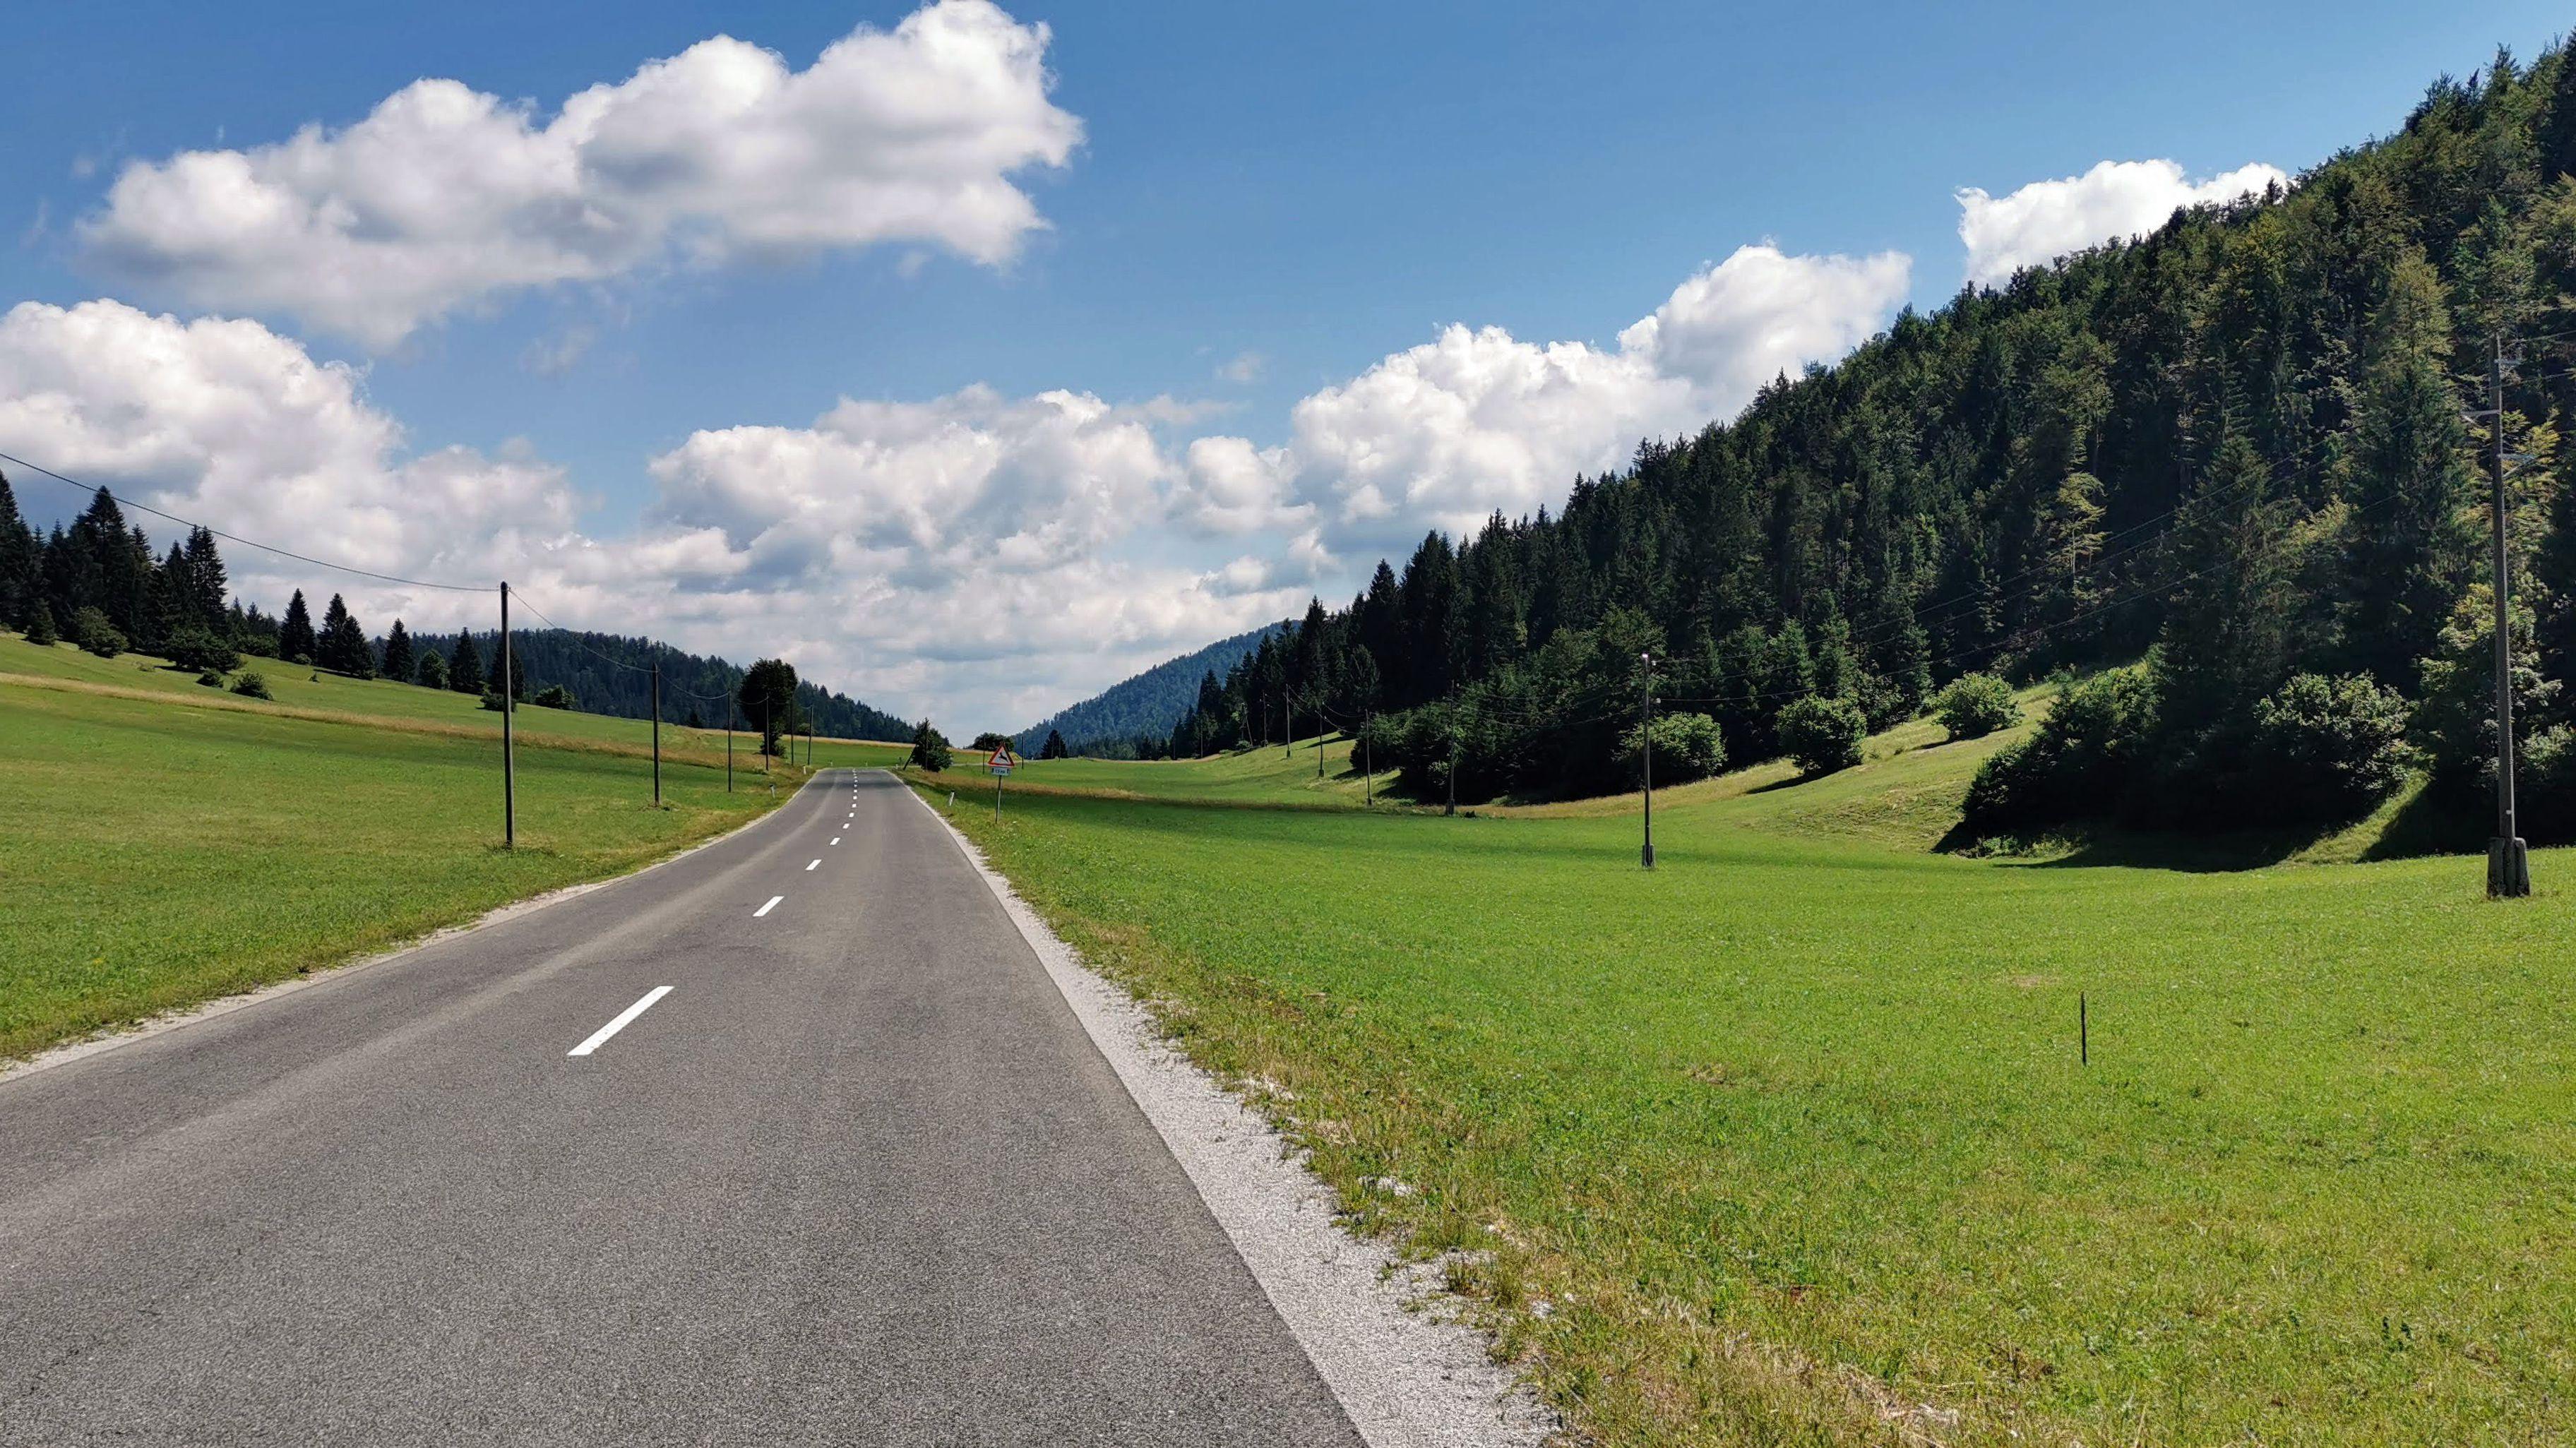 Samotna cesta, na kateri je vsako srečanje z avtom pravzaprav prijetno.